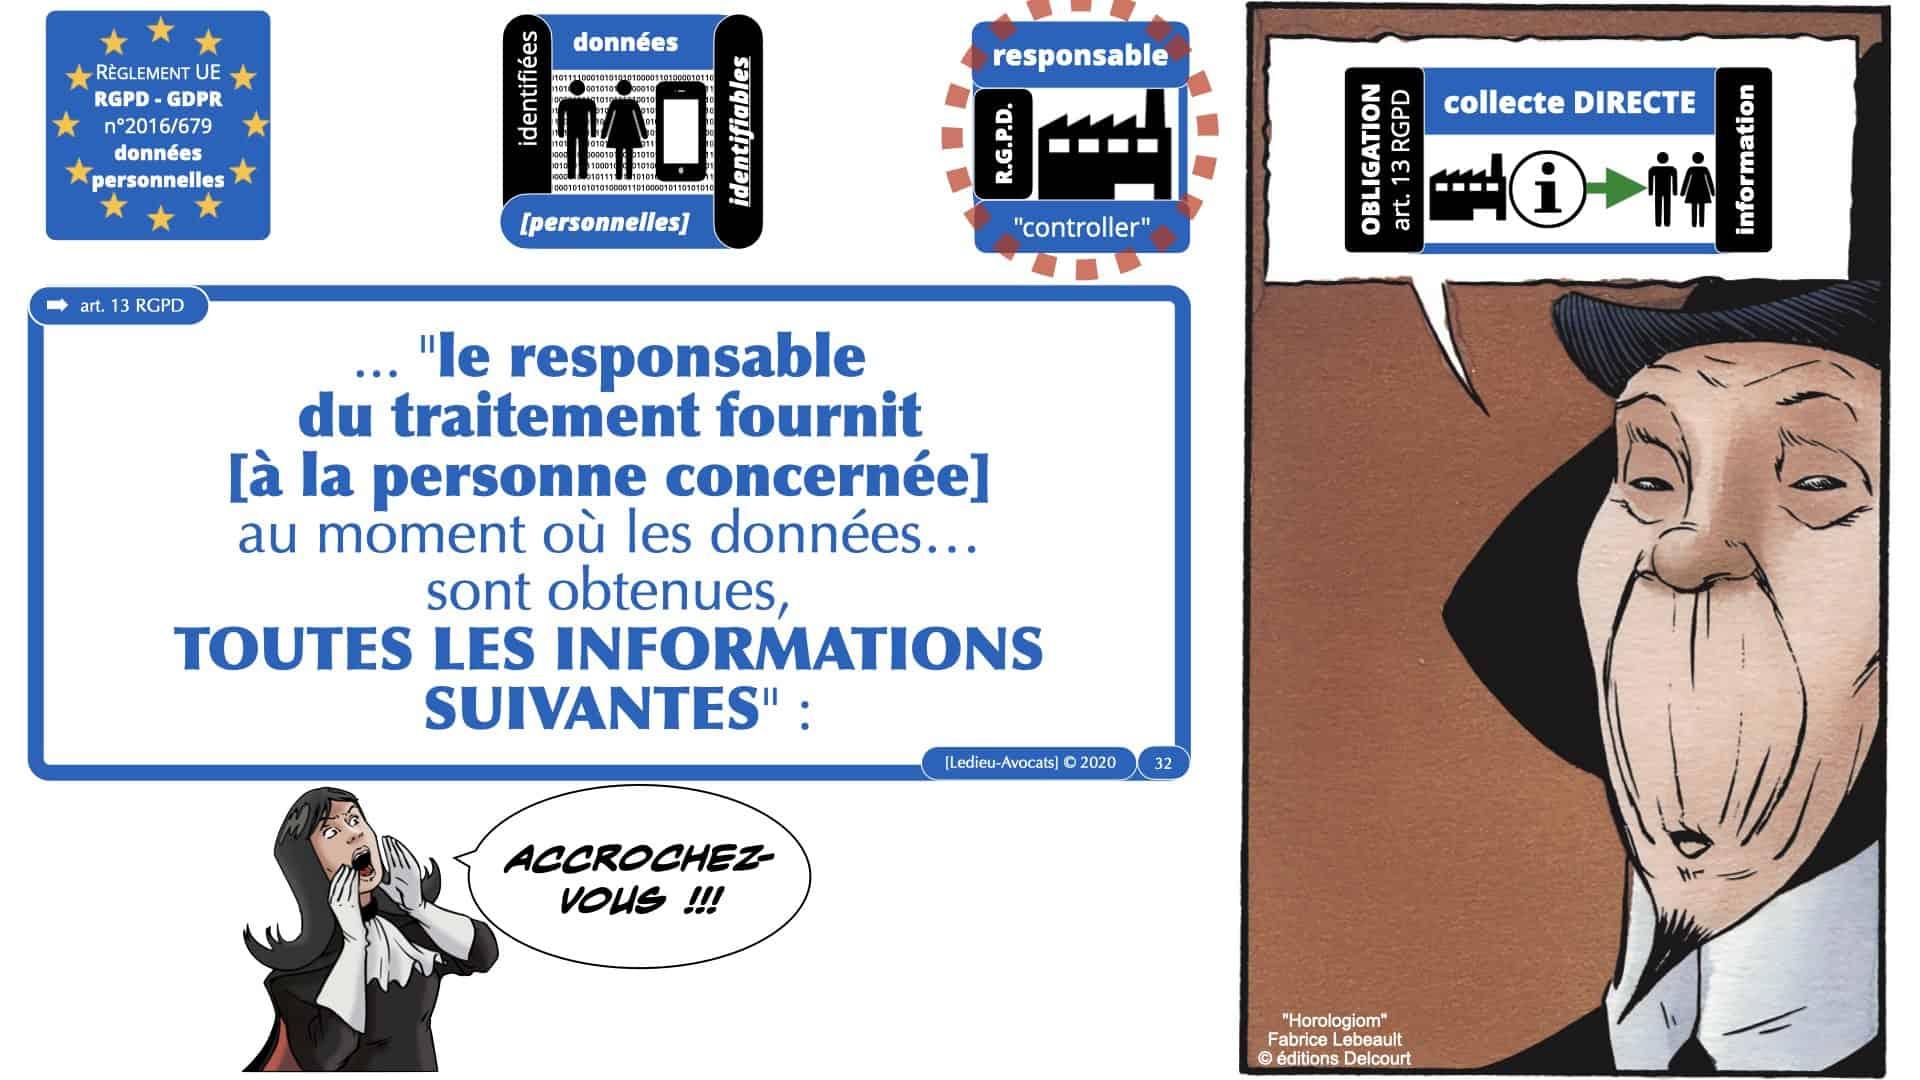 RGPD délibération CNIL Spartoo du 28 juillet 2020 n°SAN 2020-003 *16:9* ©Ledieu-Avocats 19-09-2020.033